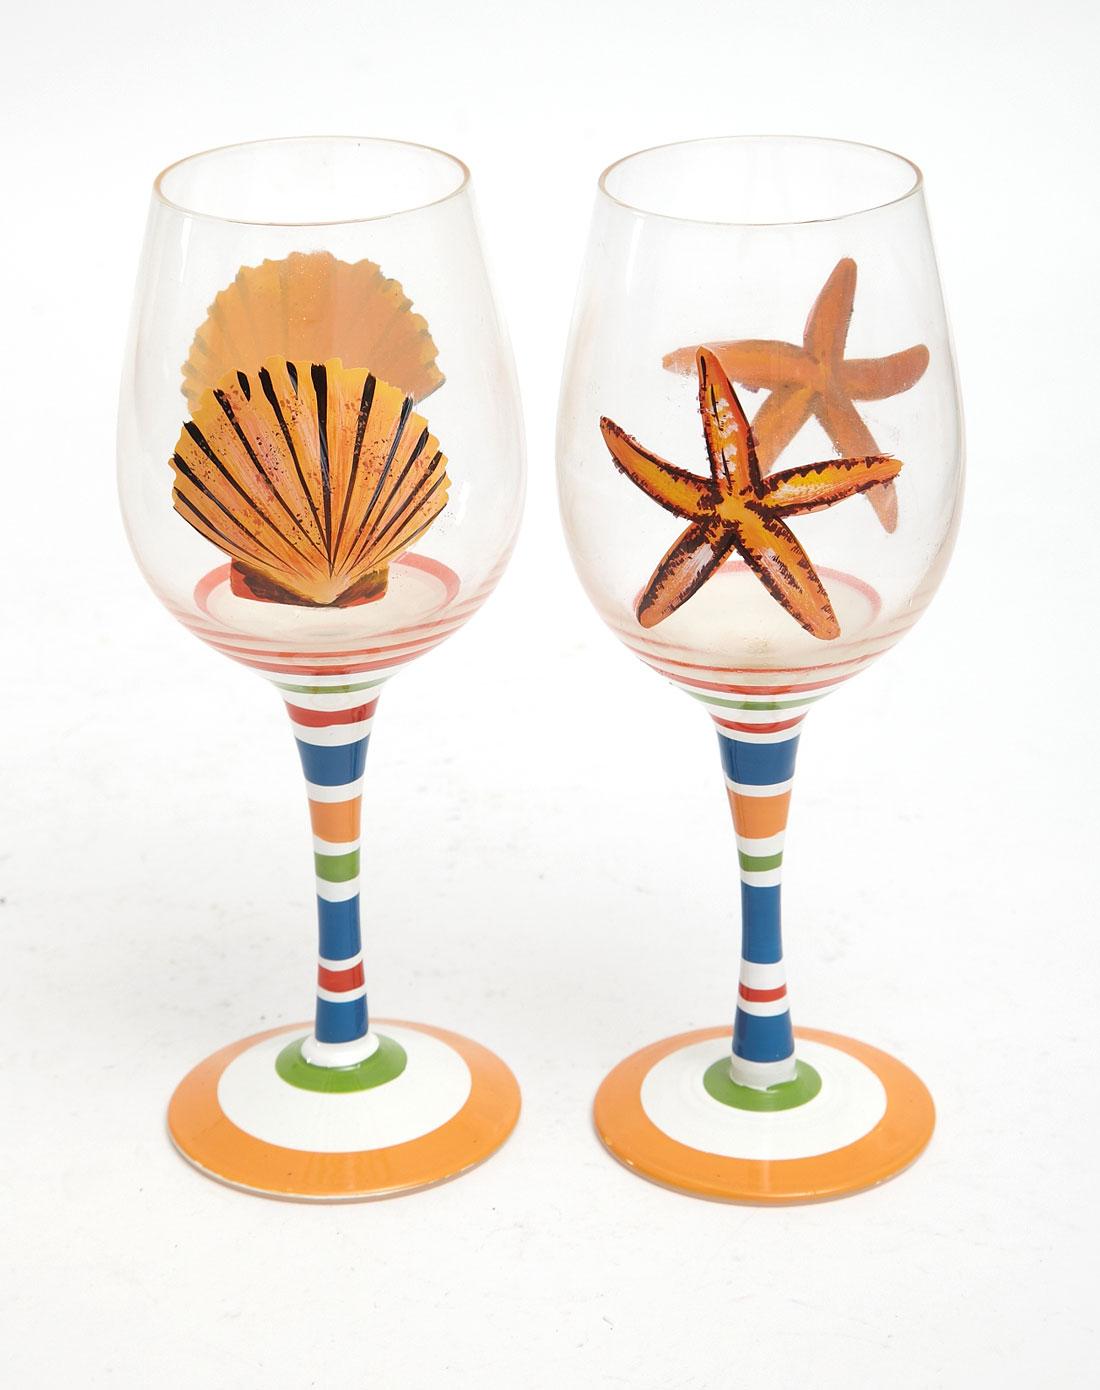 送礼手绘玻璃红酒杯两件套(送鸡尾酒纸巾)